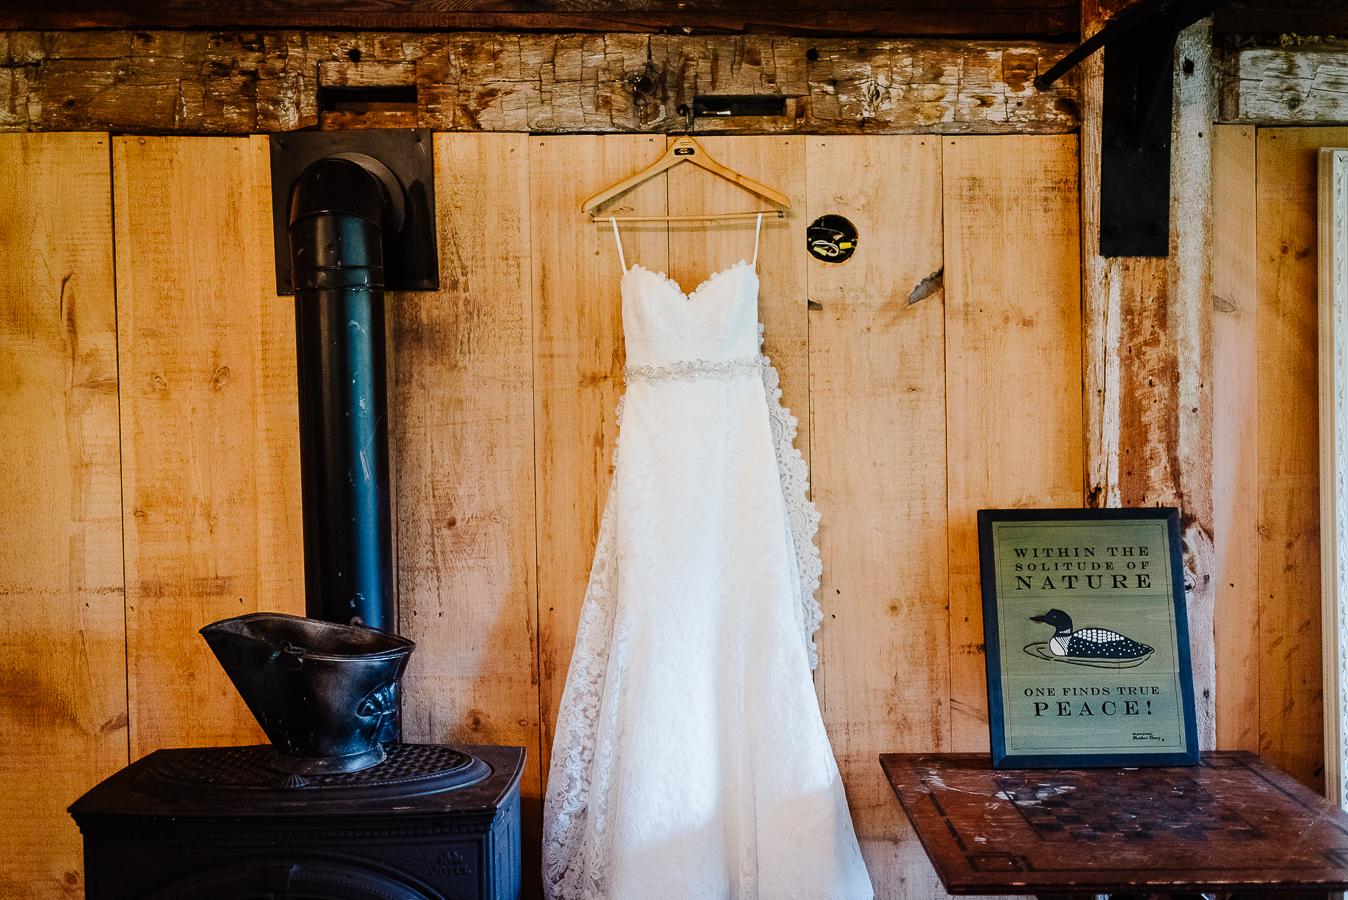 Stylish Crossed Keys Inn Wedding Crossed Keys Wedding Crossed Keys Inn Andover NJ Longbrook Photography-5.jpg